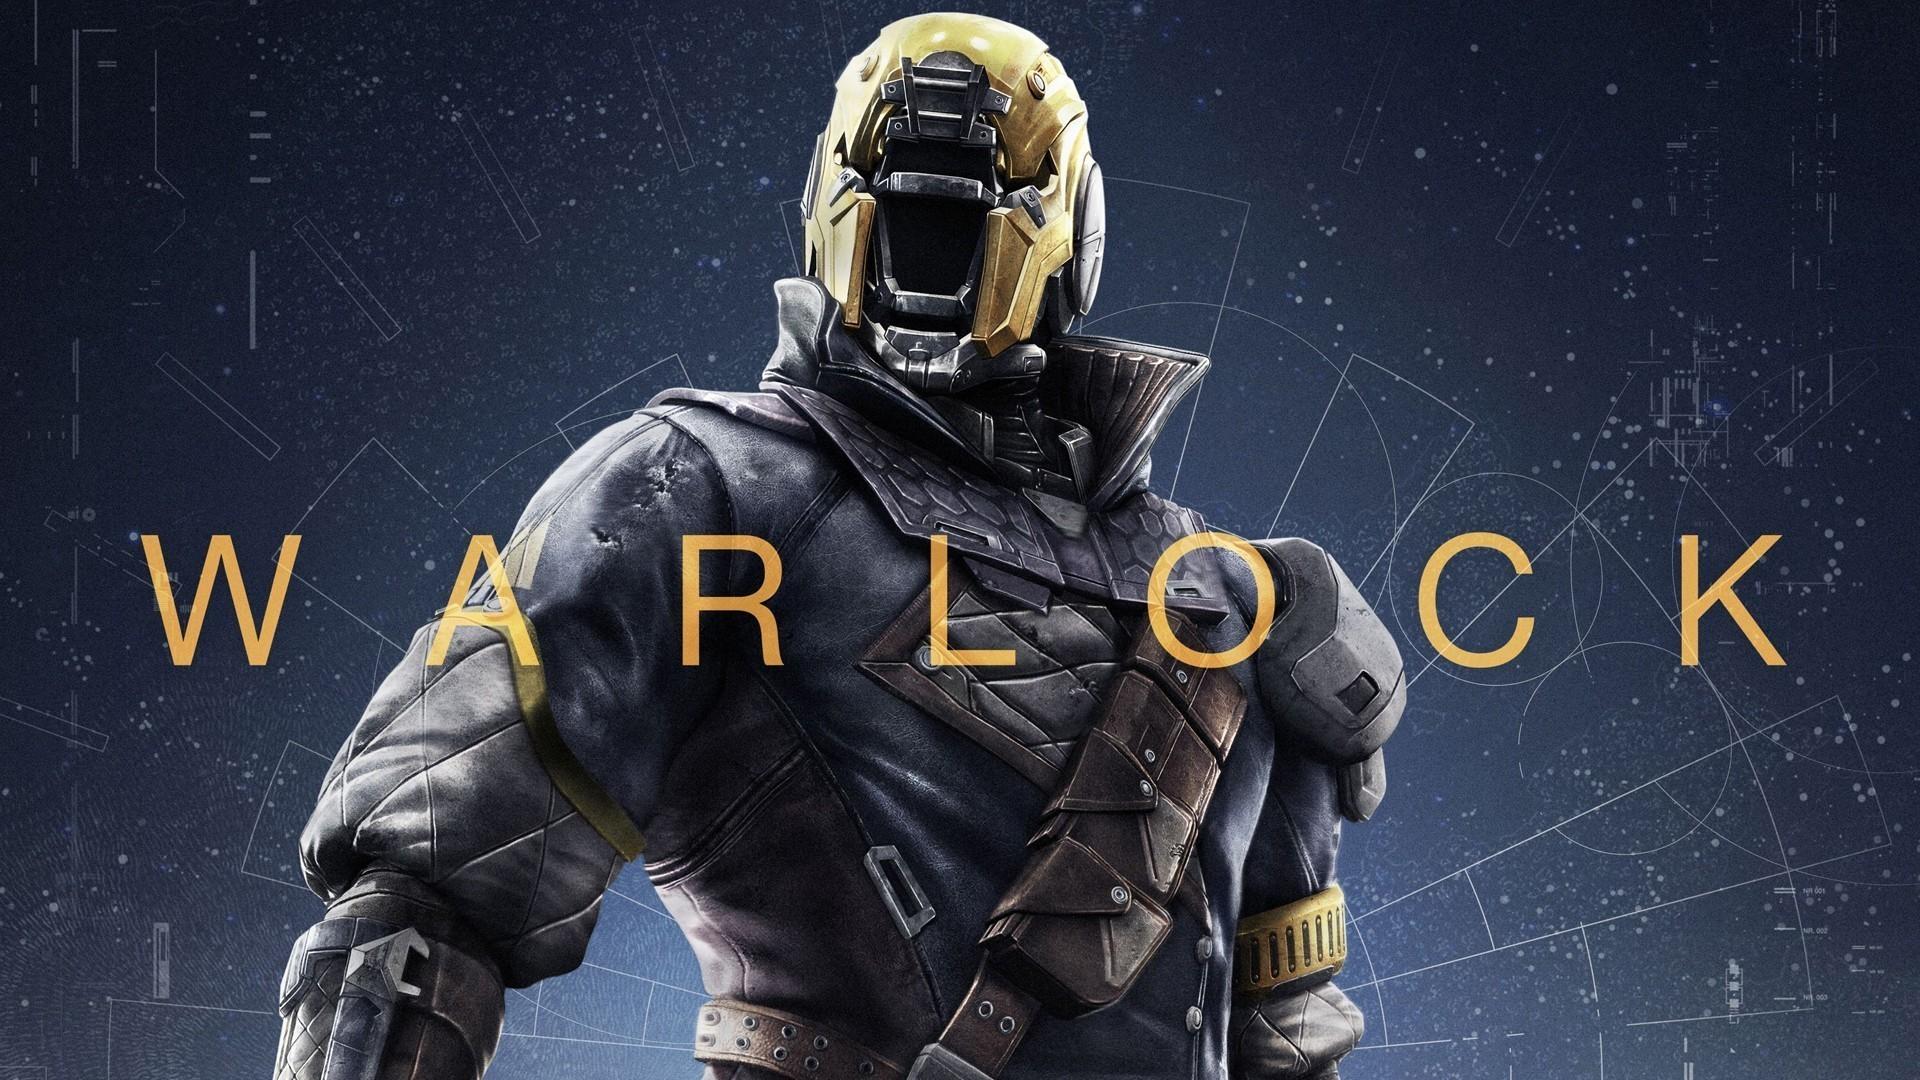 Warlock in Destiny Wallpapers | HD Wallpapers